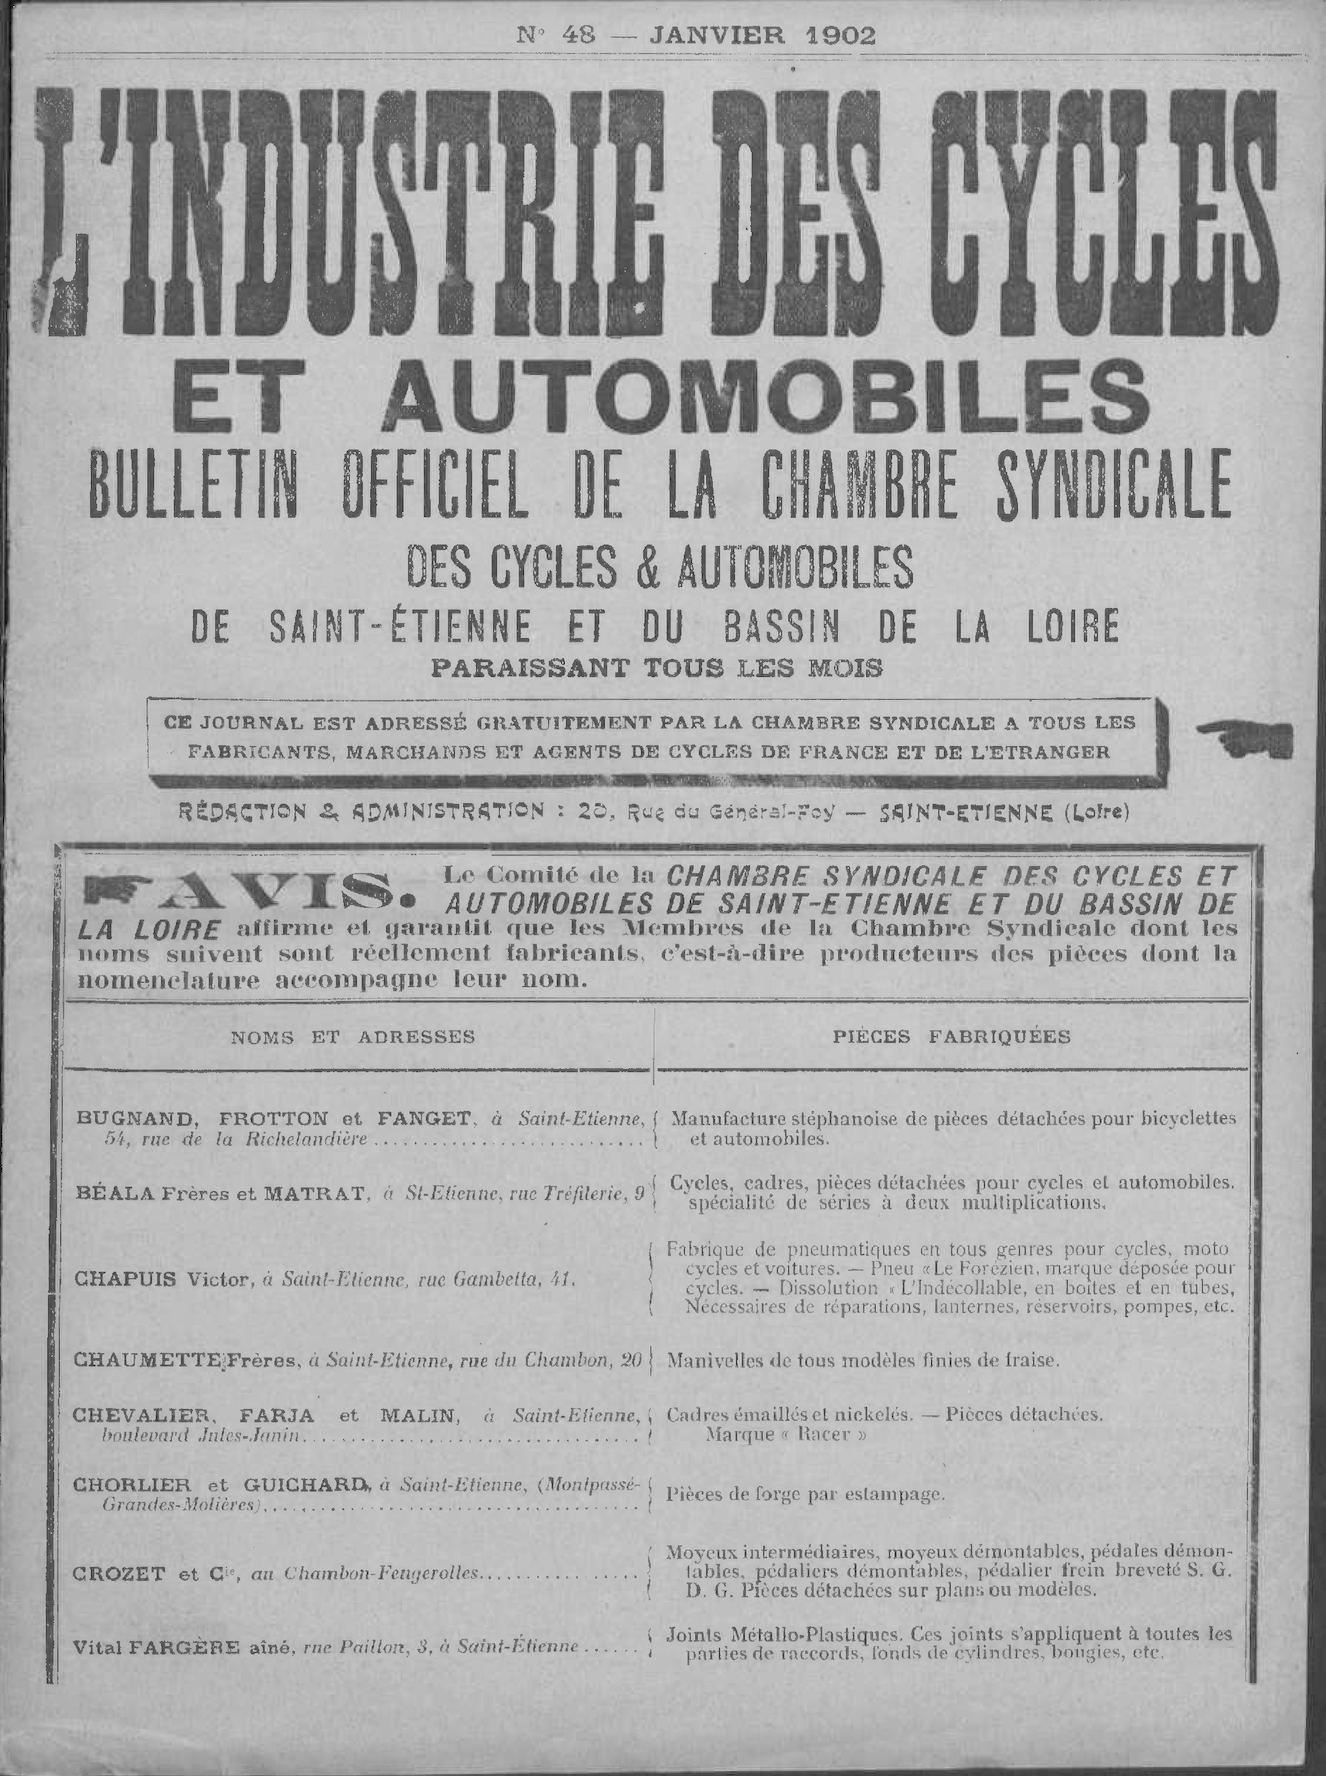 Calaméo Mai Ic 1902 plet